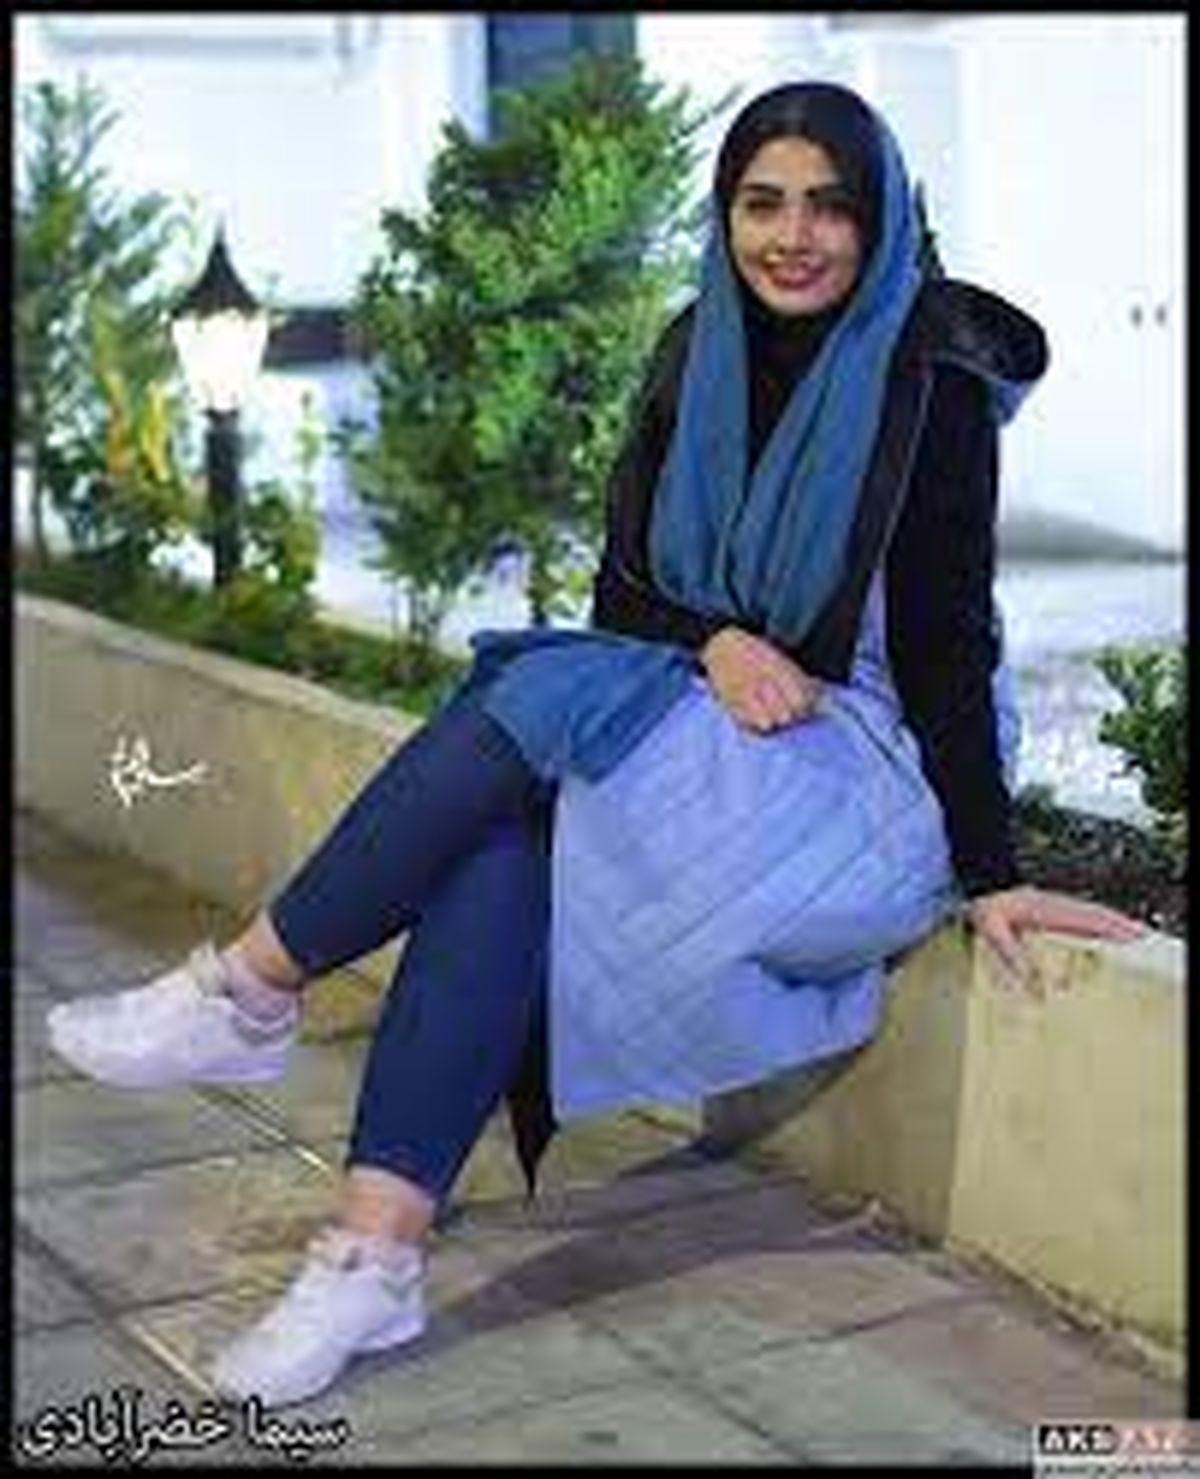 سیما خضرآبادی از همسرش رونمایی کرد + عکس